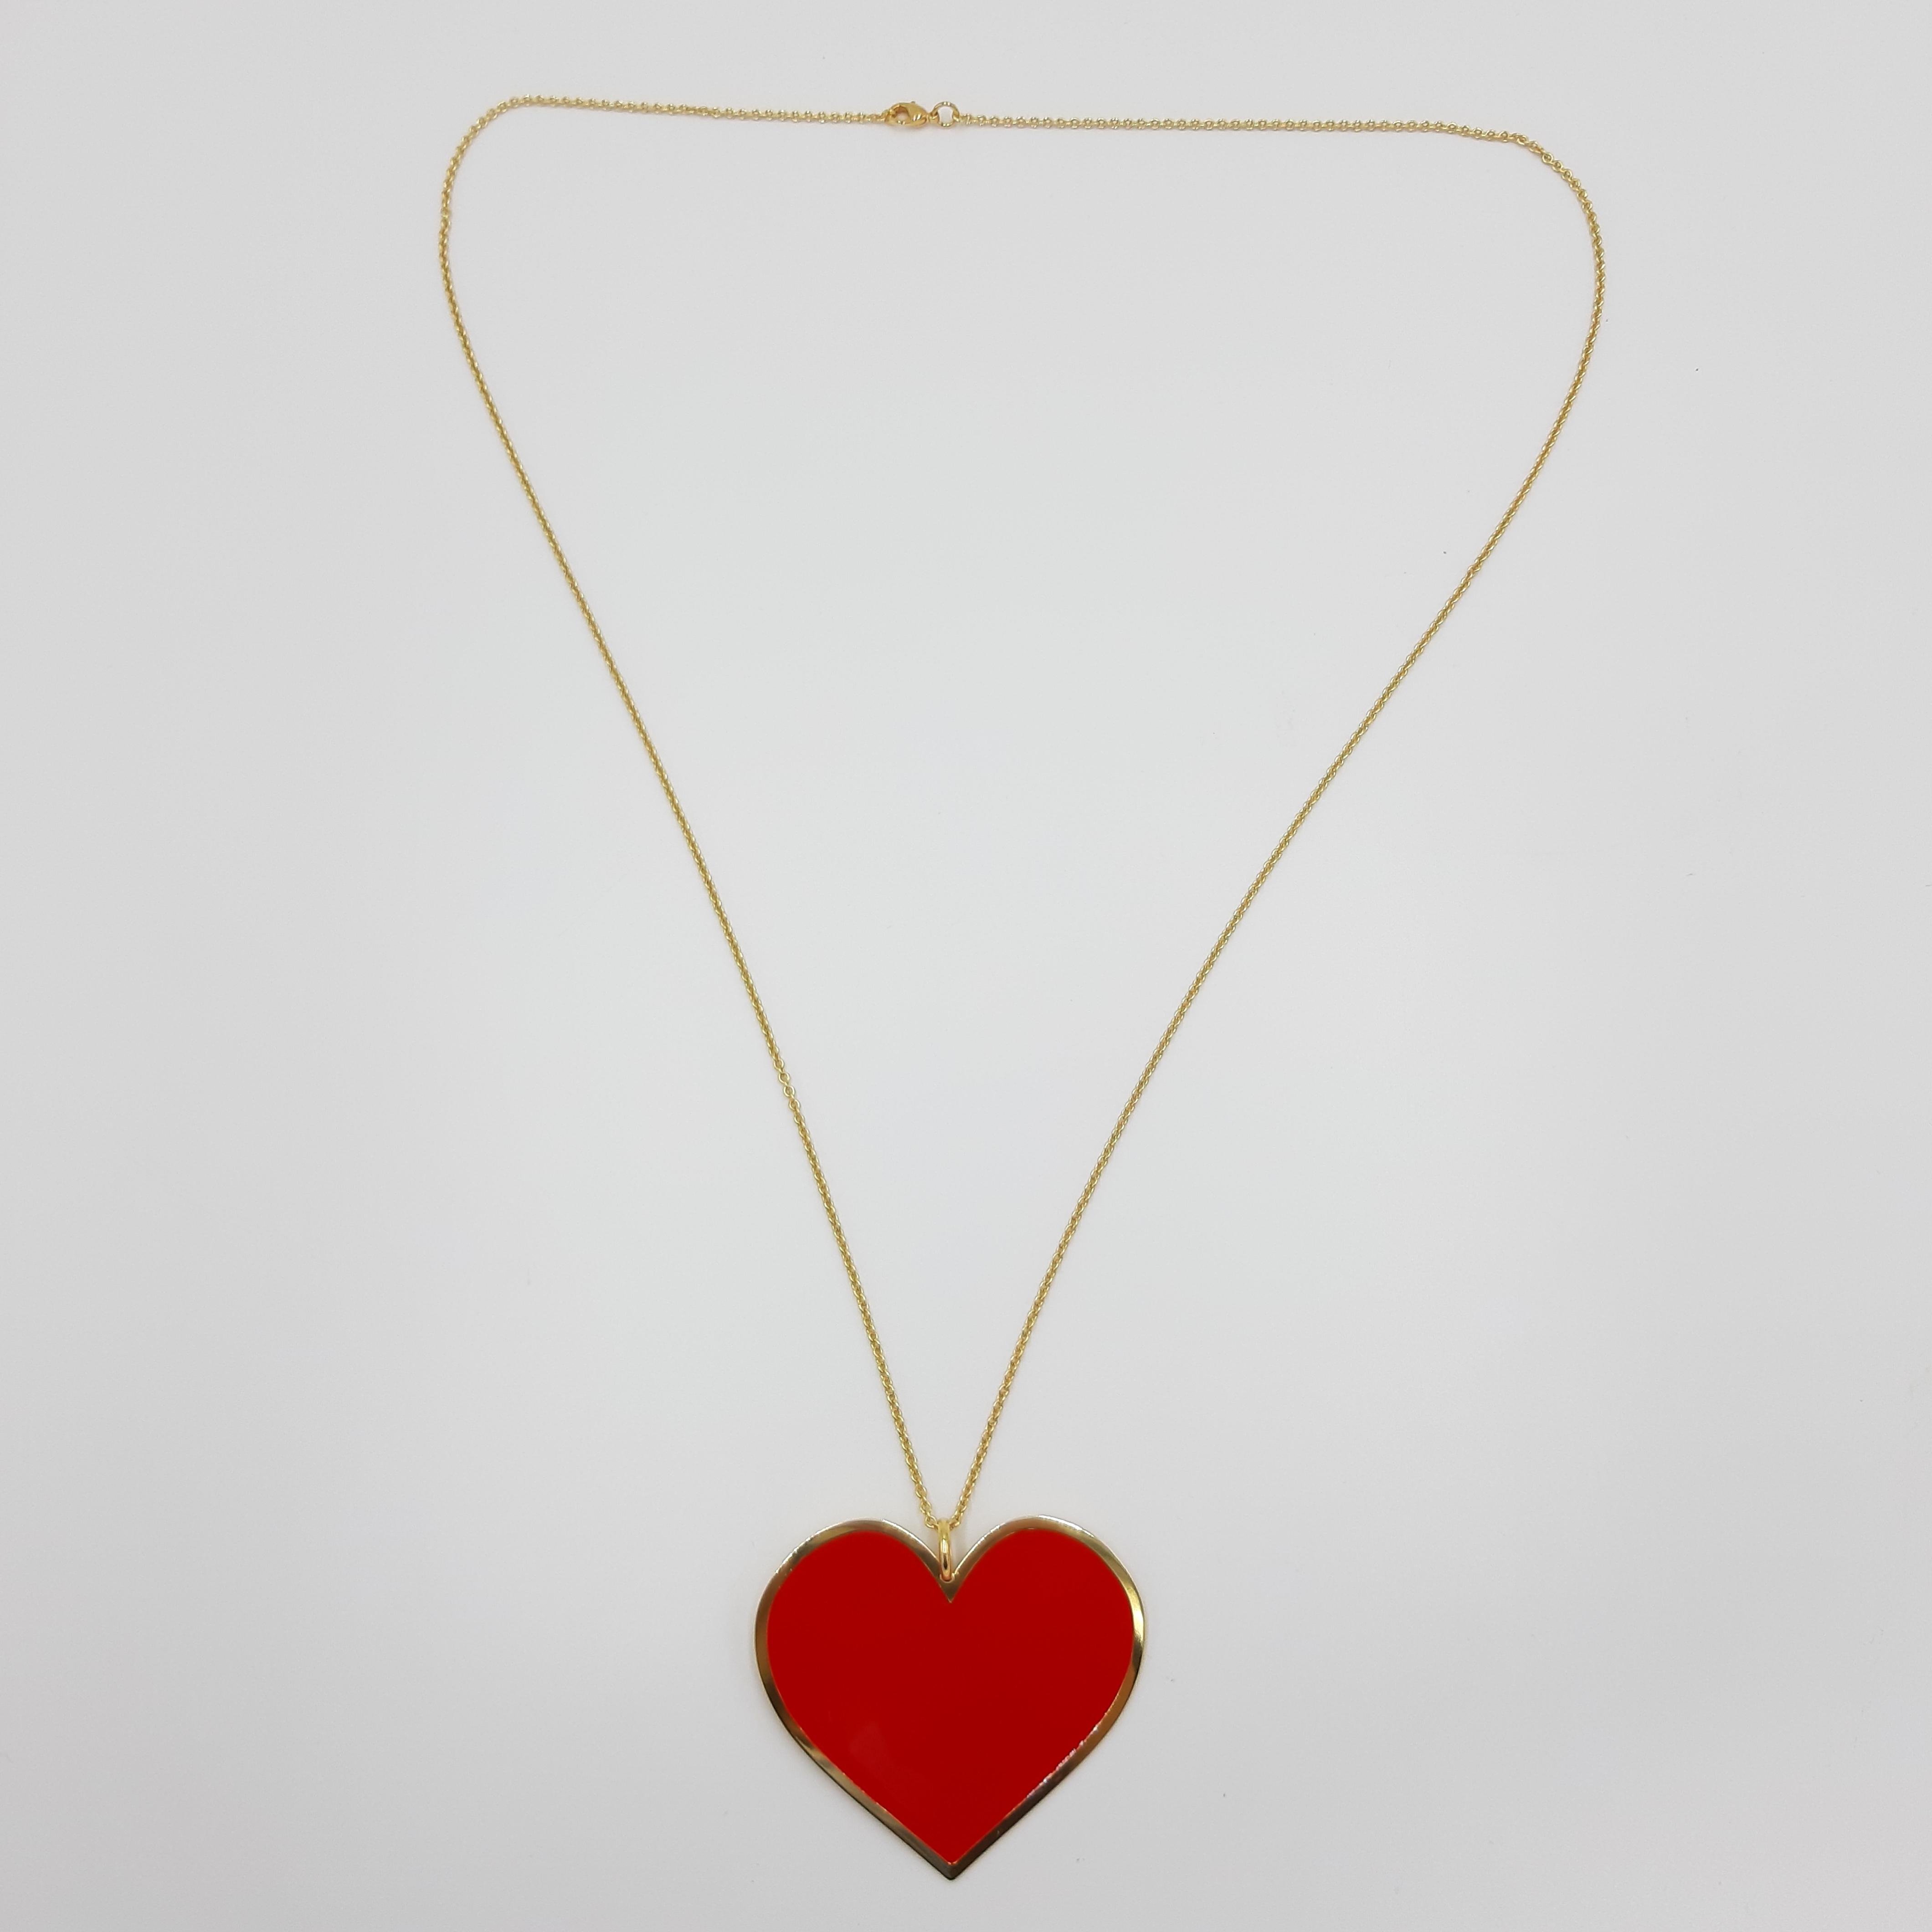 Collana lunga con cuore rosso Francesca Bianchi Design